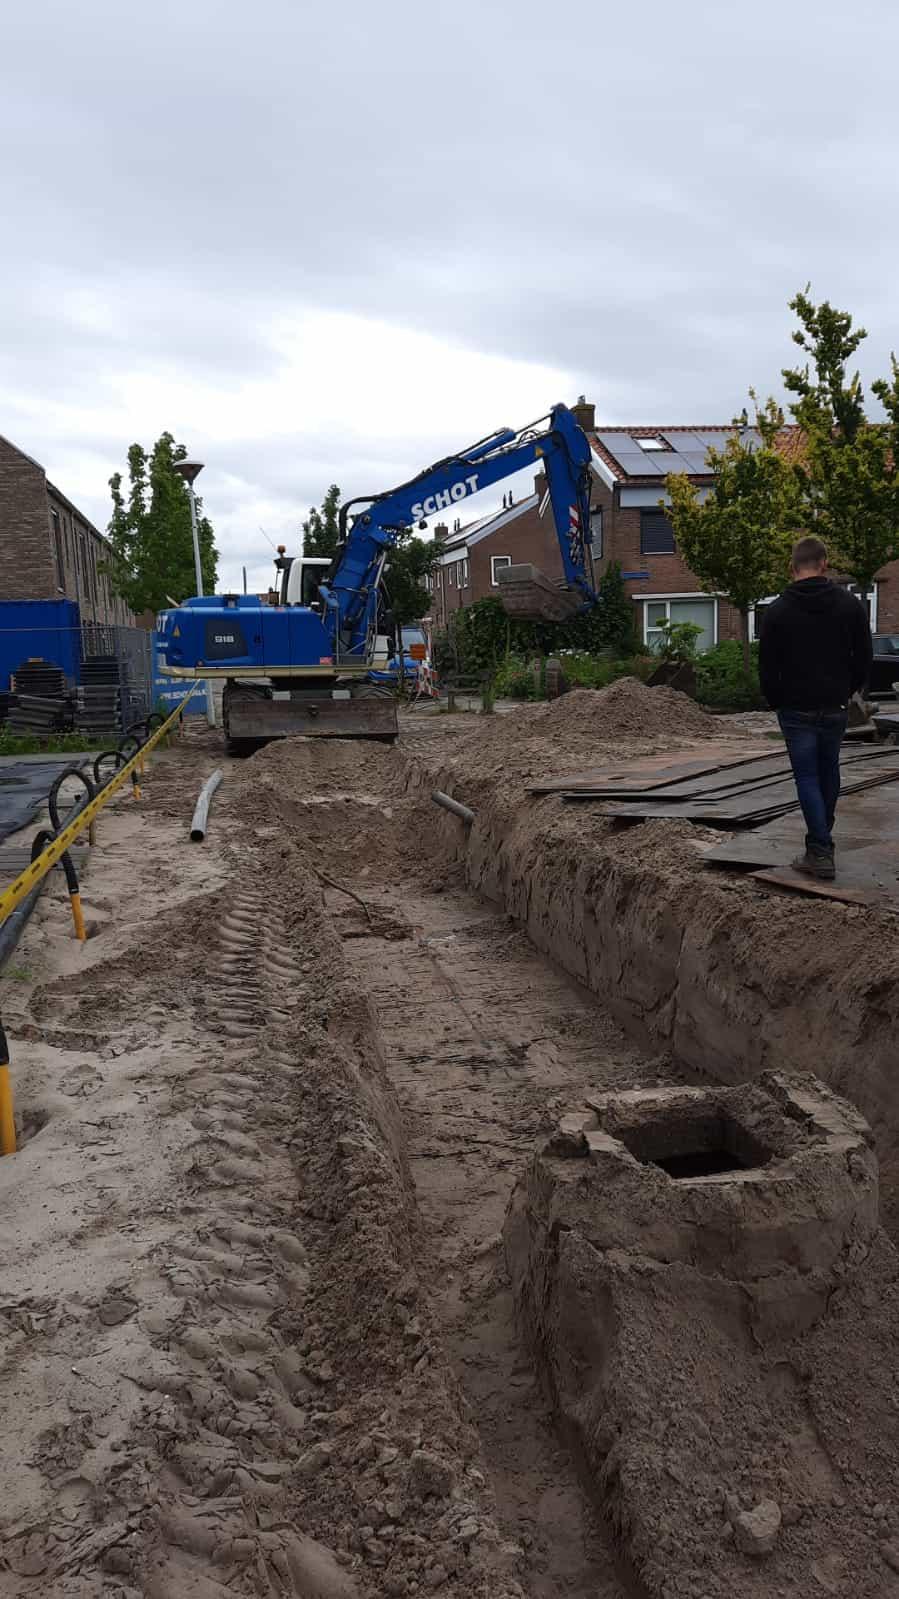 gemeente de fryske marren rioolrenovatie herinrichting zuiderzeestraat lemmer bommen 2